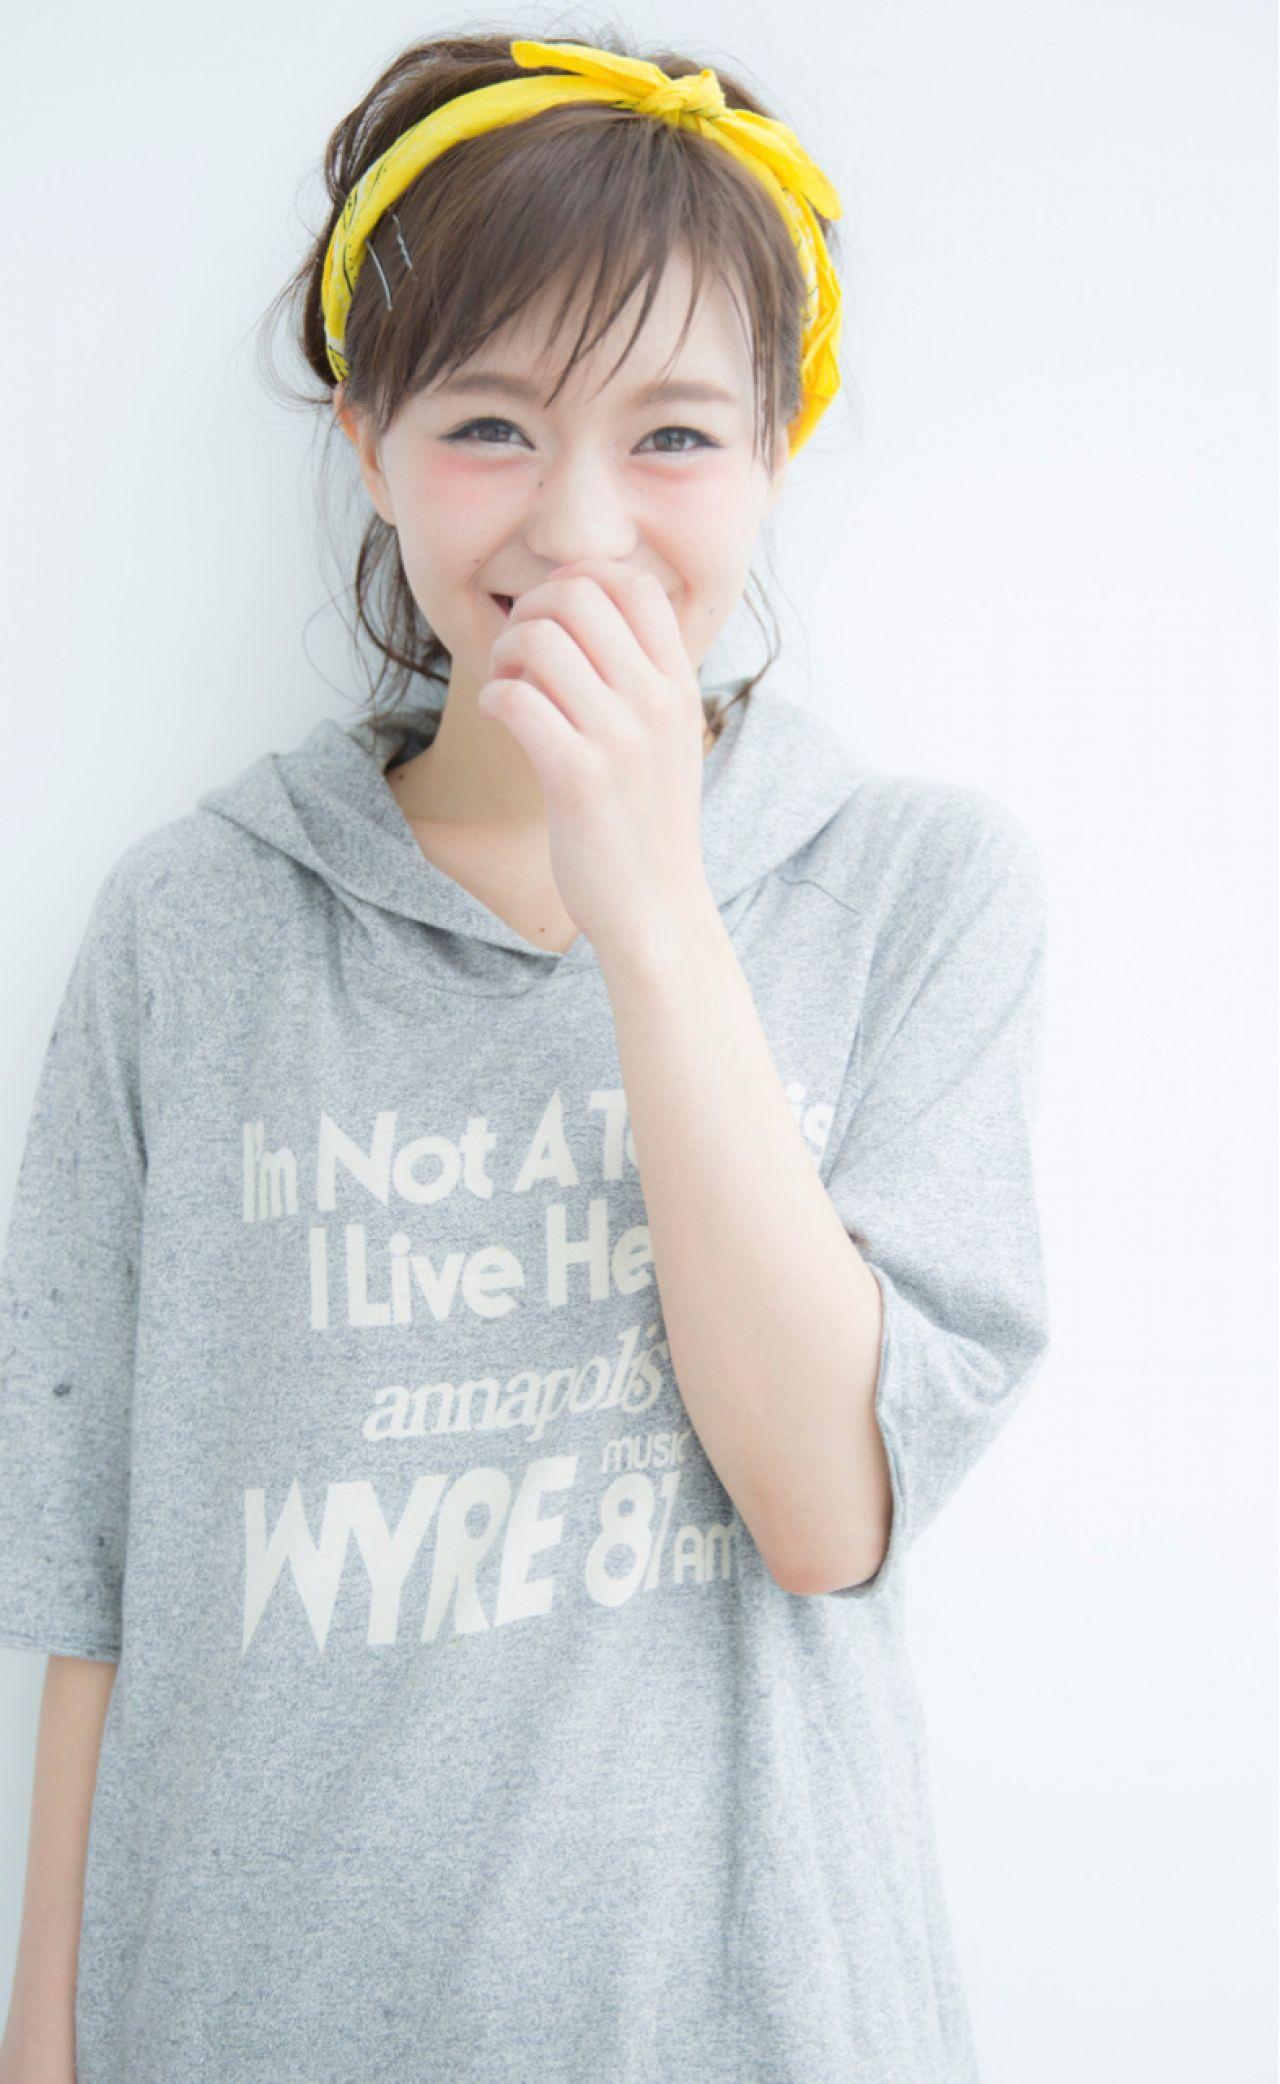 バンダナを使った髪型で可愛さUP♡とっておきアレンジ特集 NARUOKA